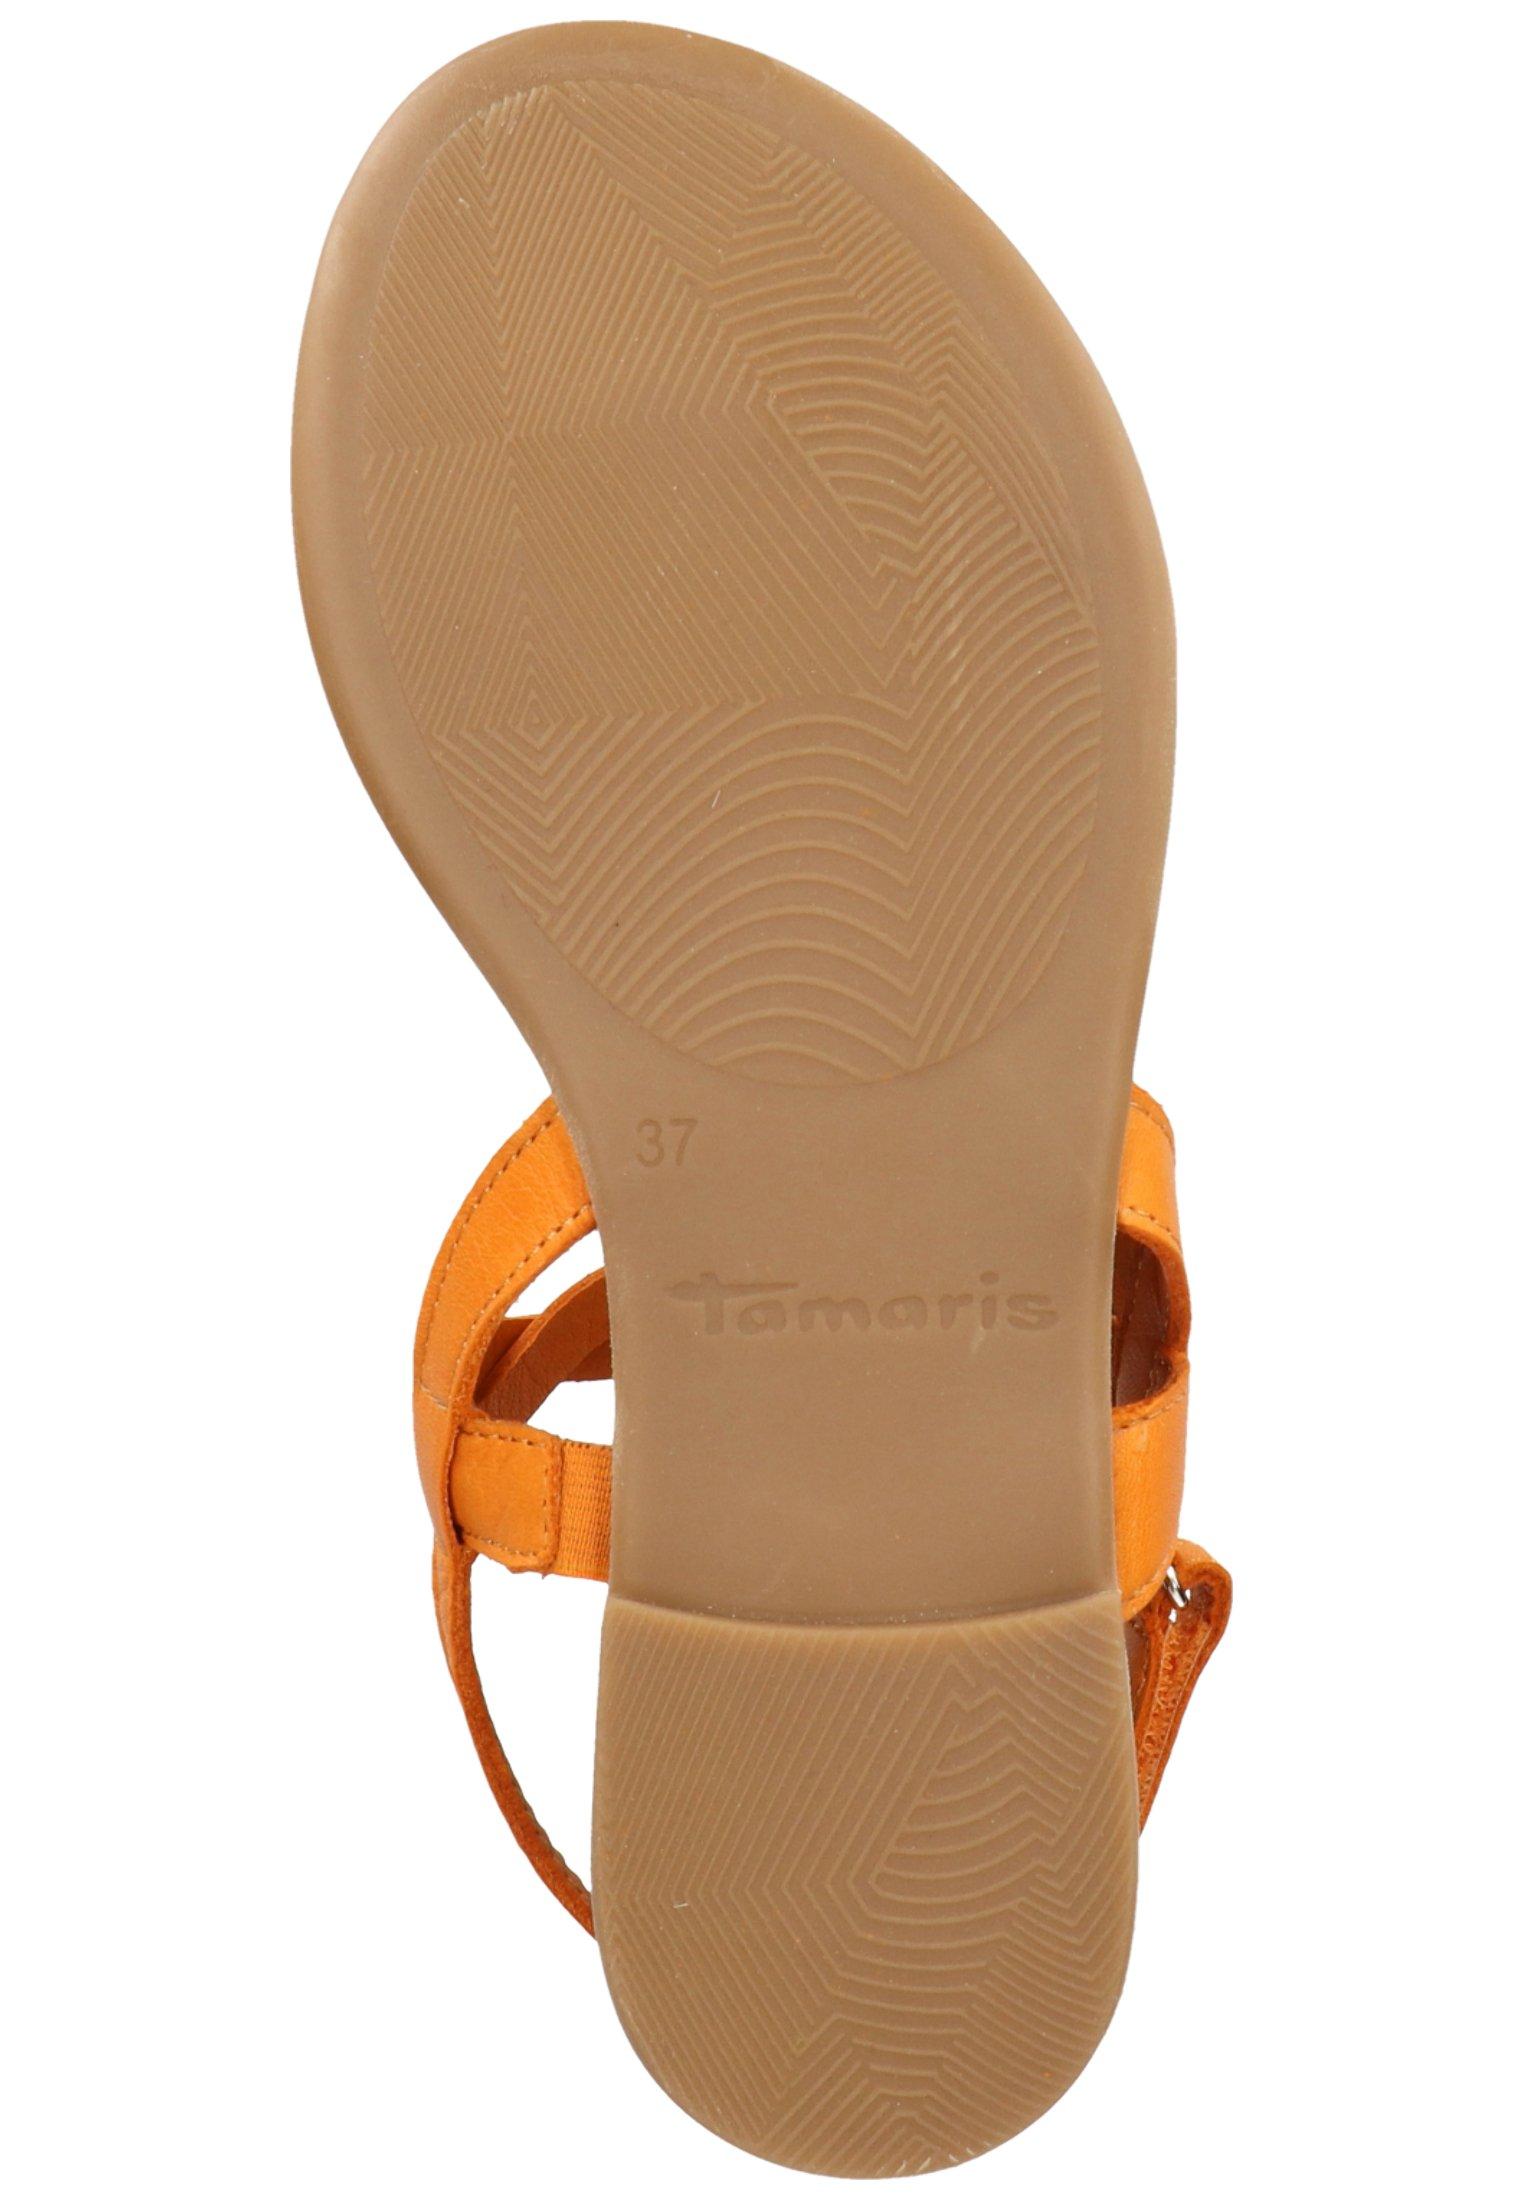 Tamaris Sandalen - Tongs Orange 606